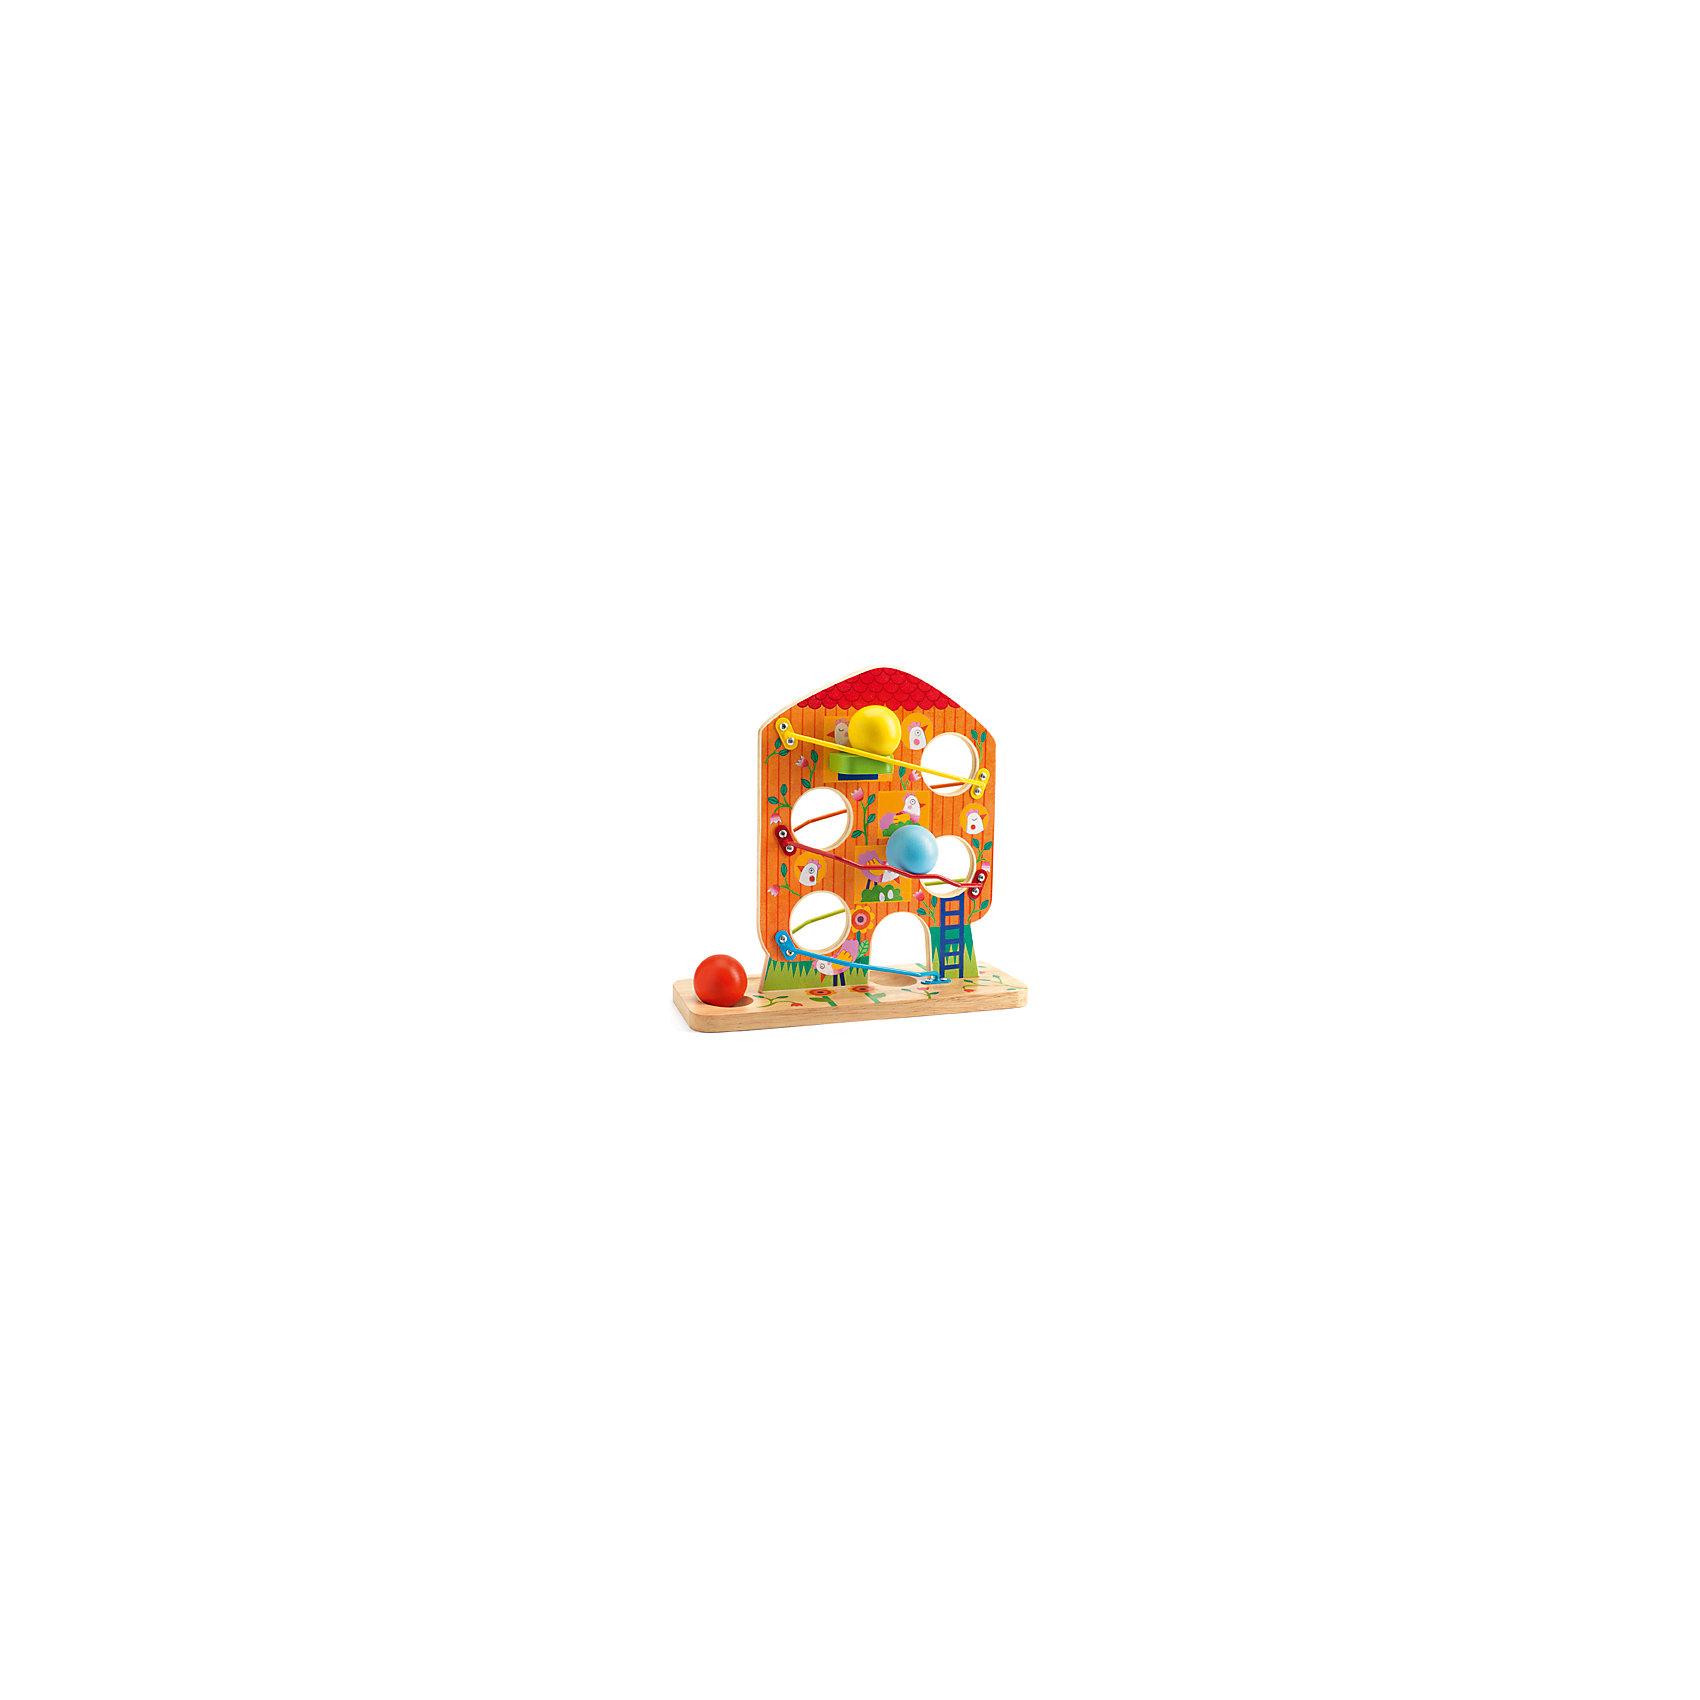 DJECO Кугельбан Птичий дом, DJECO развивающая игрушка djeco зверюшки попрыгунчики пастель 06105